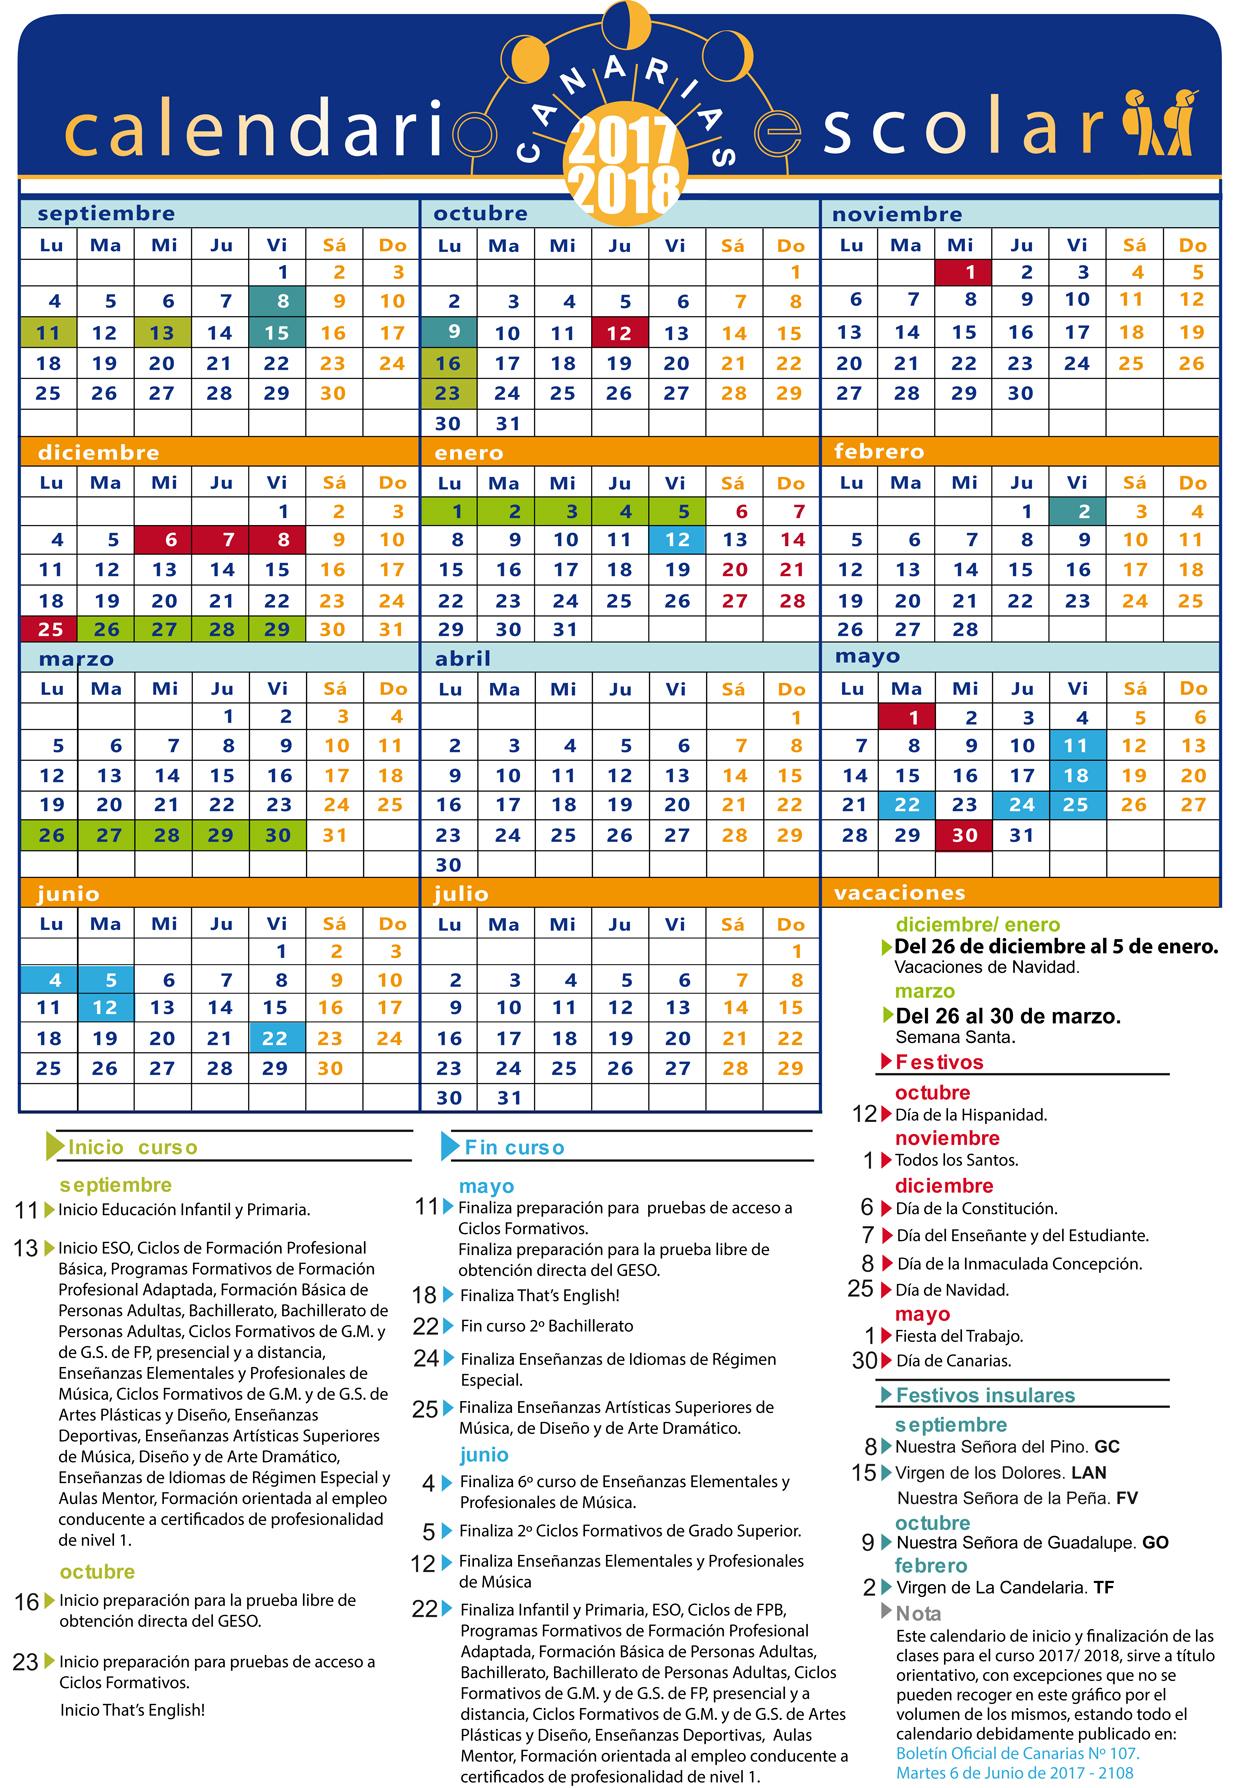 Calendario Escolar 2017 2018 Por La Secretaria